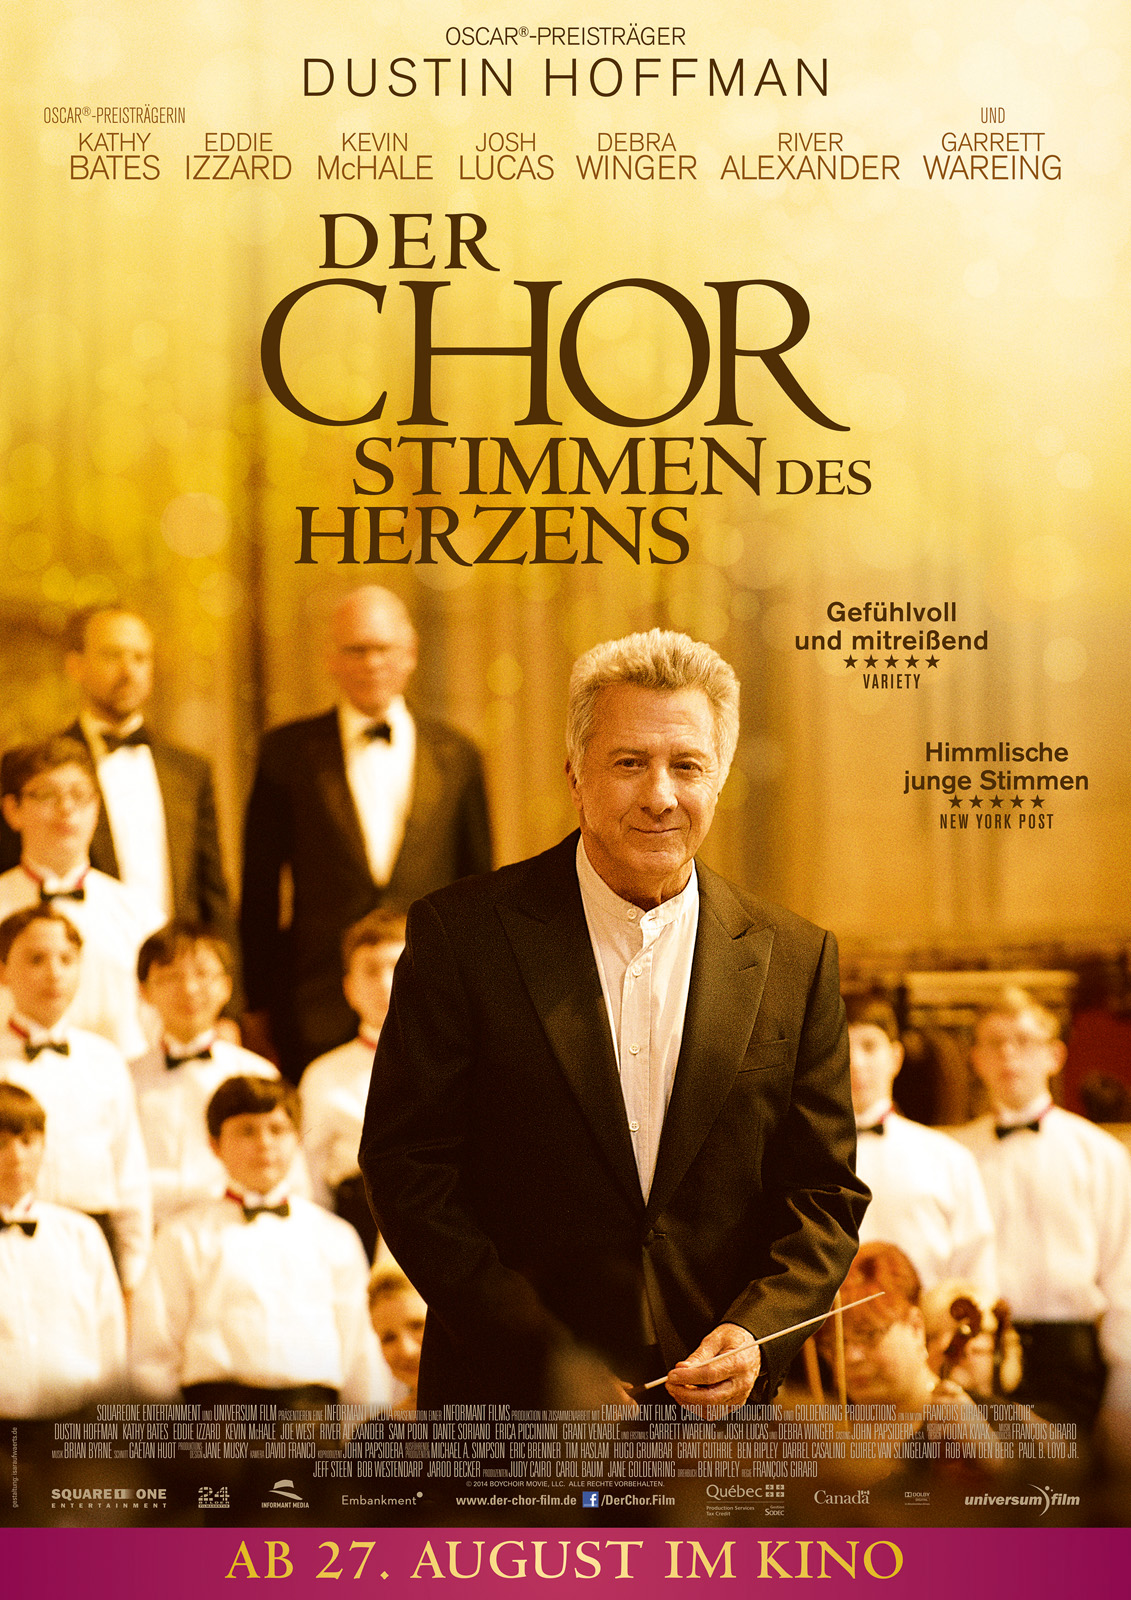 Der Chor - Stimmen des Herzens Soundtrack - FILMSTARTS.de